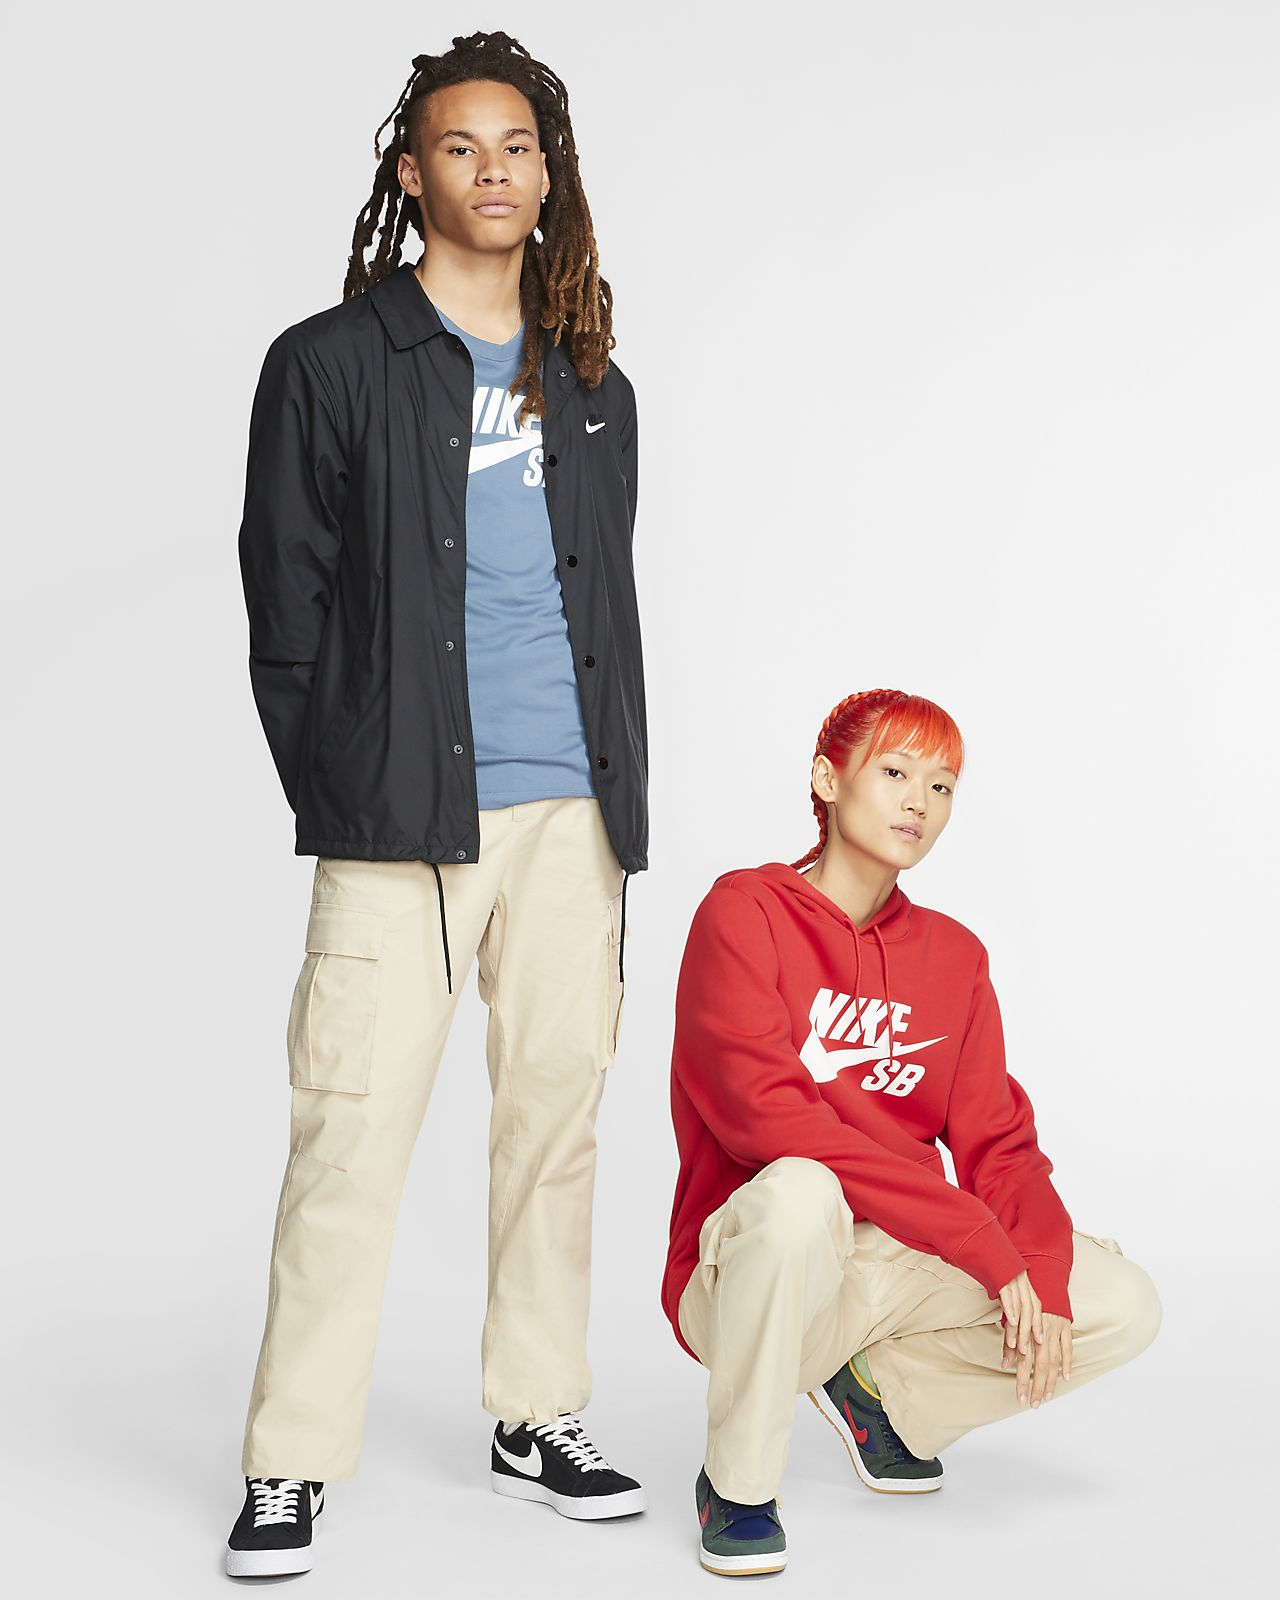 Spodnie do skateboardingu Nike SB Flex FTM